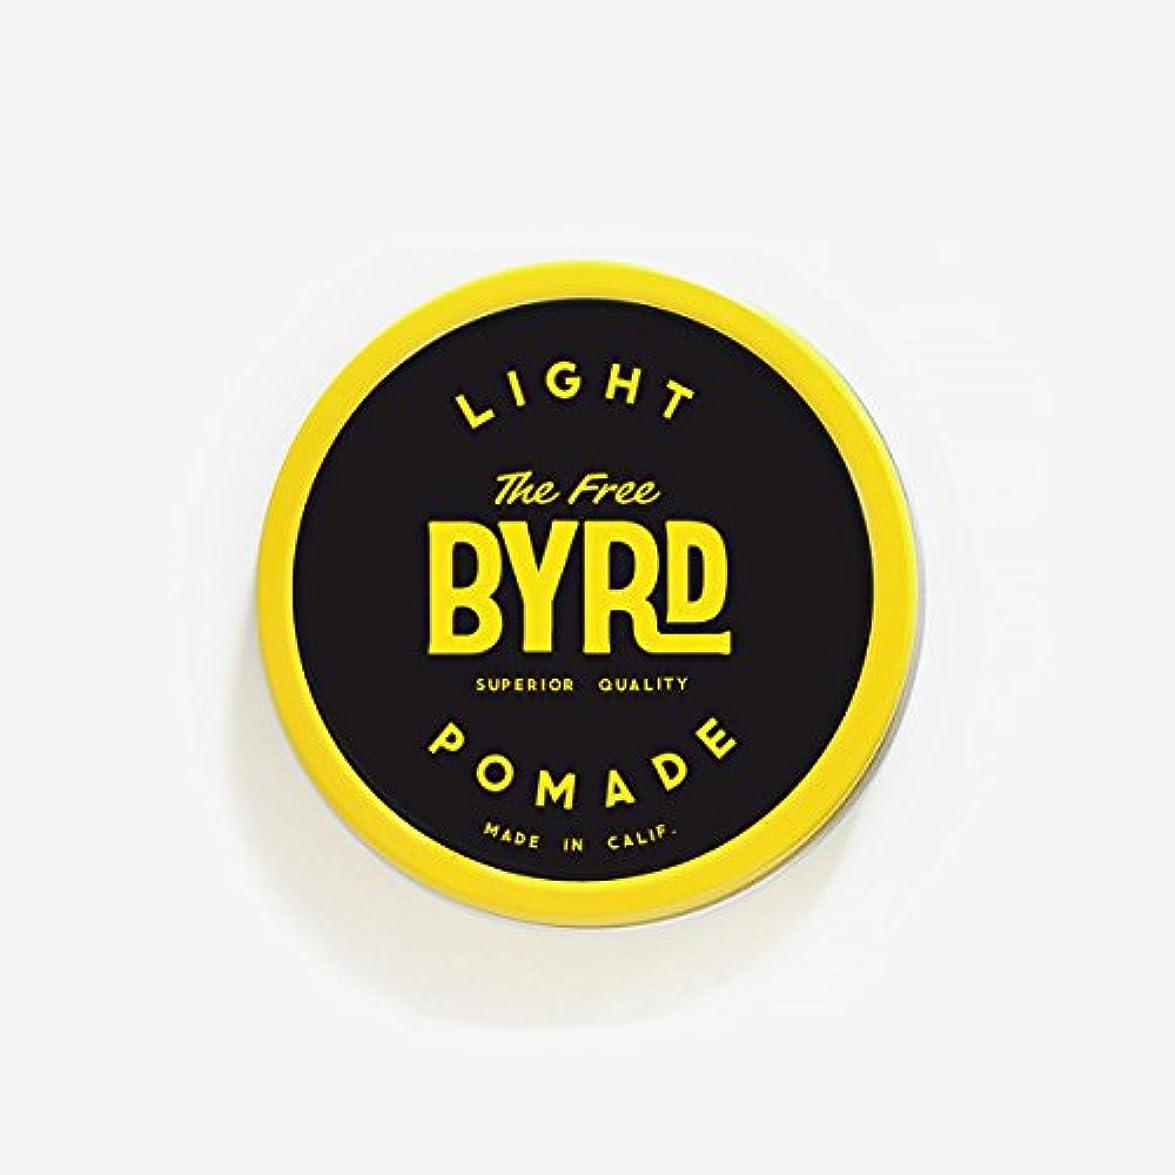 芸術チャンピオンシップ全部バード(BYRD) カリフォルニア発ポマード288 LIGHT POMADE SMALL(スモールサイズ)ライトスタイルヘアワックスヘアスタイリング剤耐水性香料メンズ/レディース 【LIGHT】SMALL